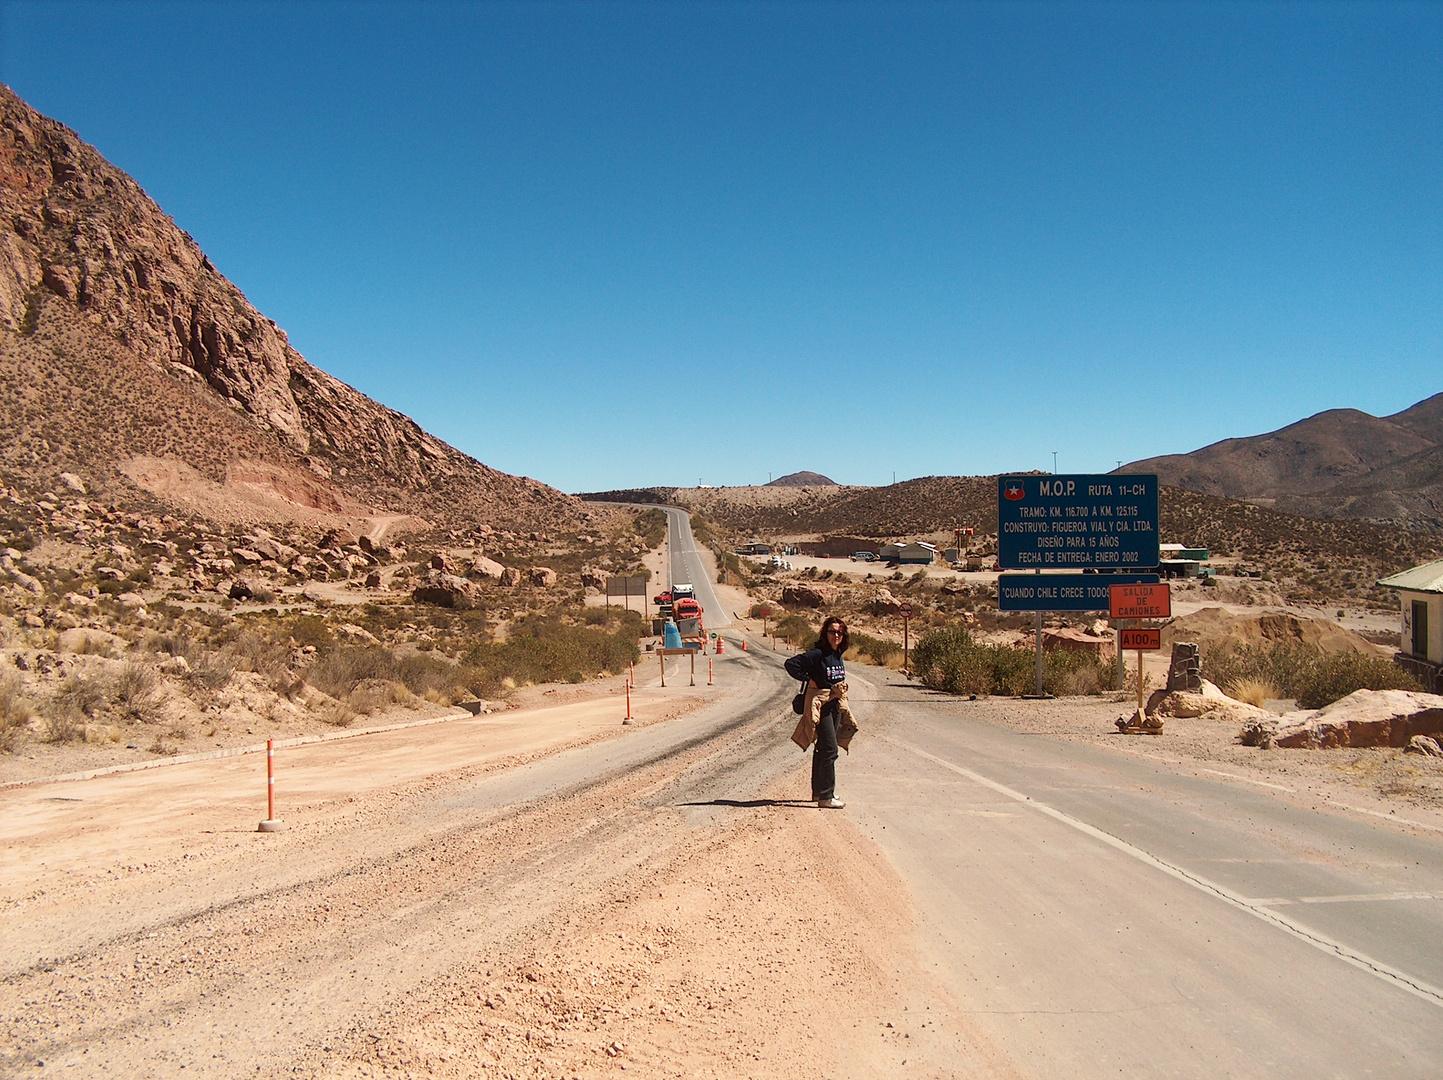 Cile deserti montani Aspettando un pulman